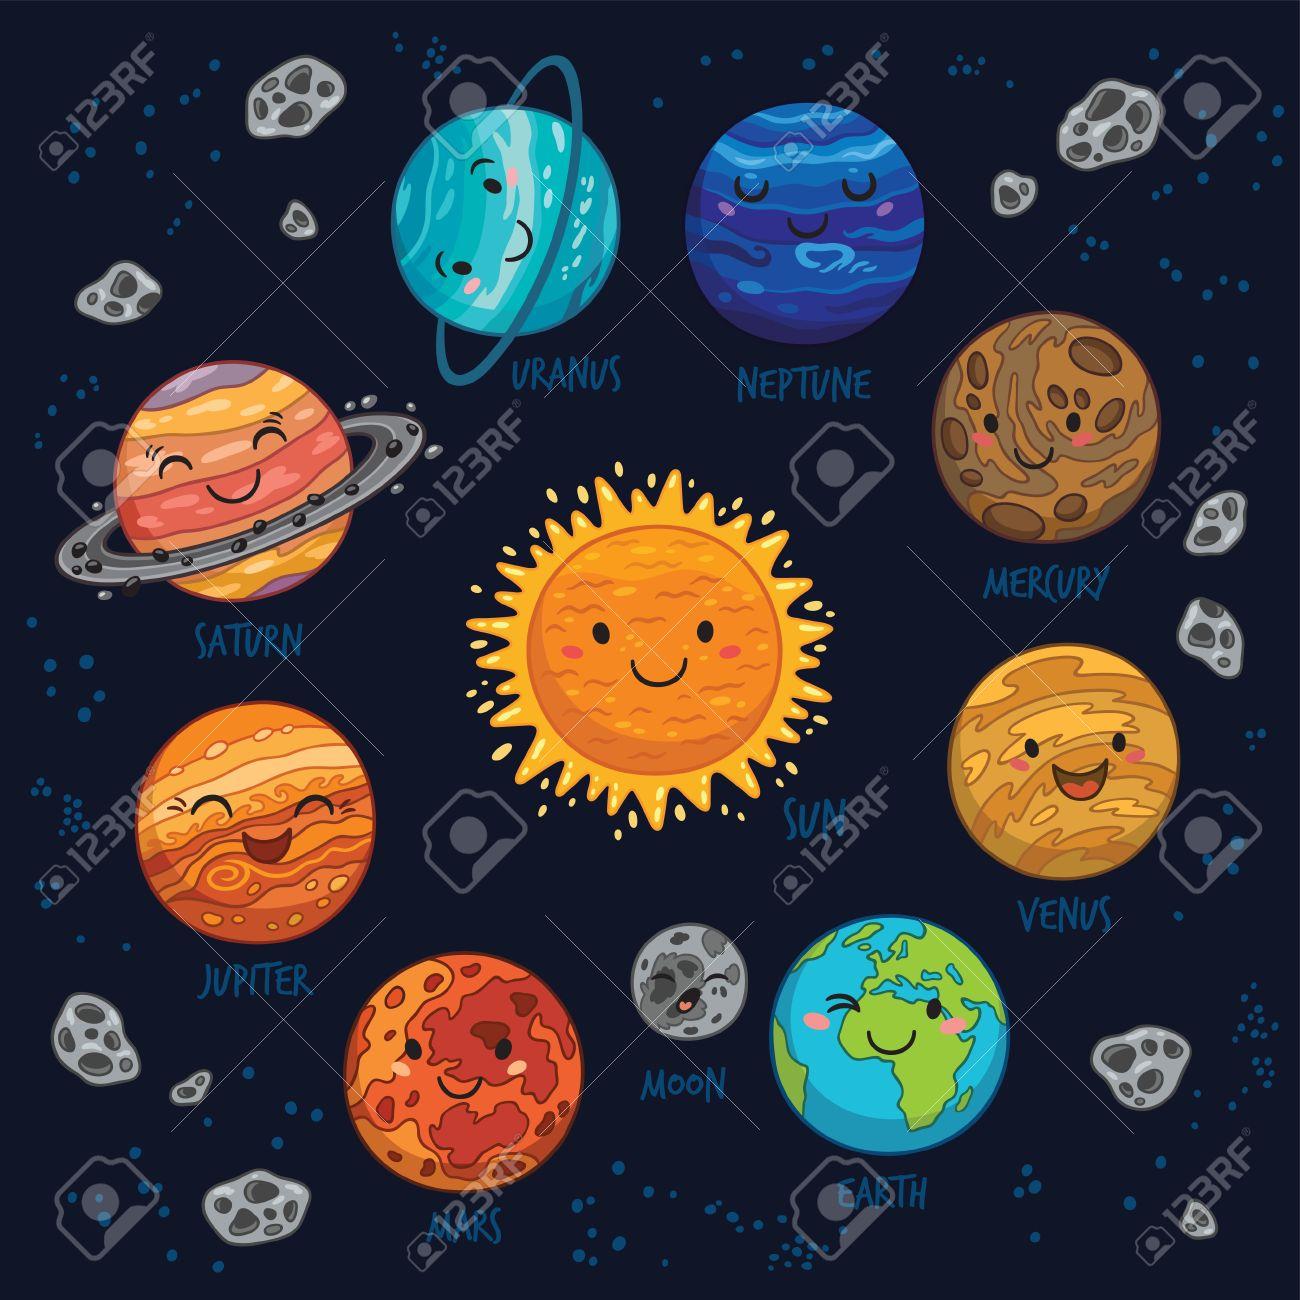 Único Página Para Colorear De Mercurio Ilustración - Enmarcado Para ...